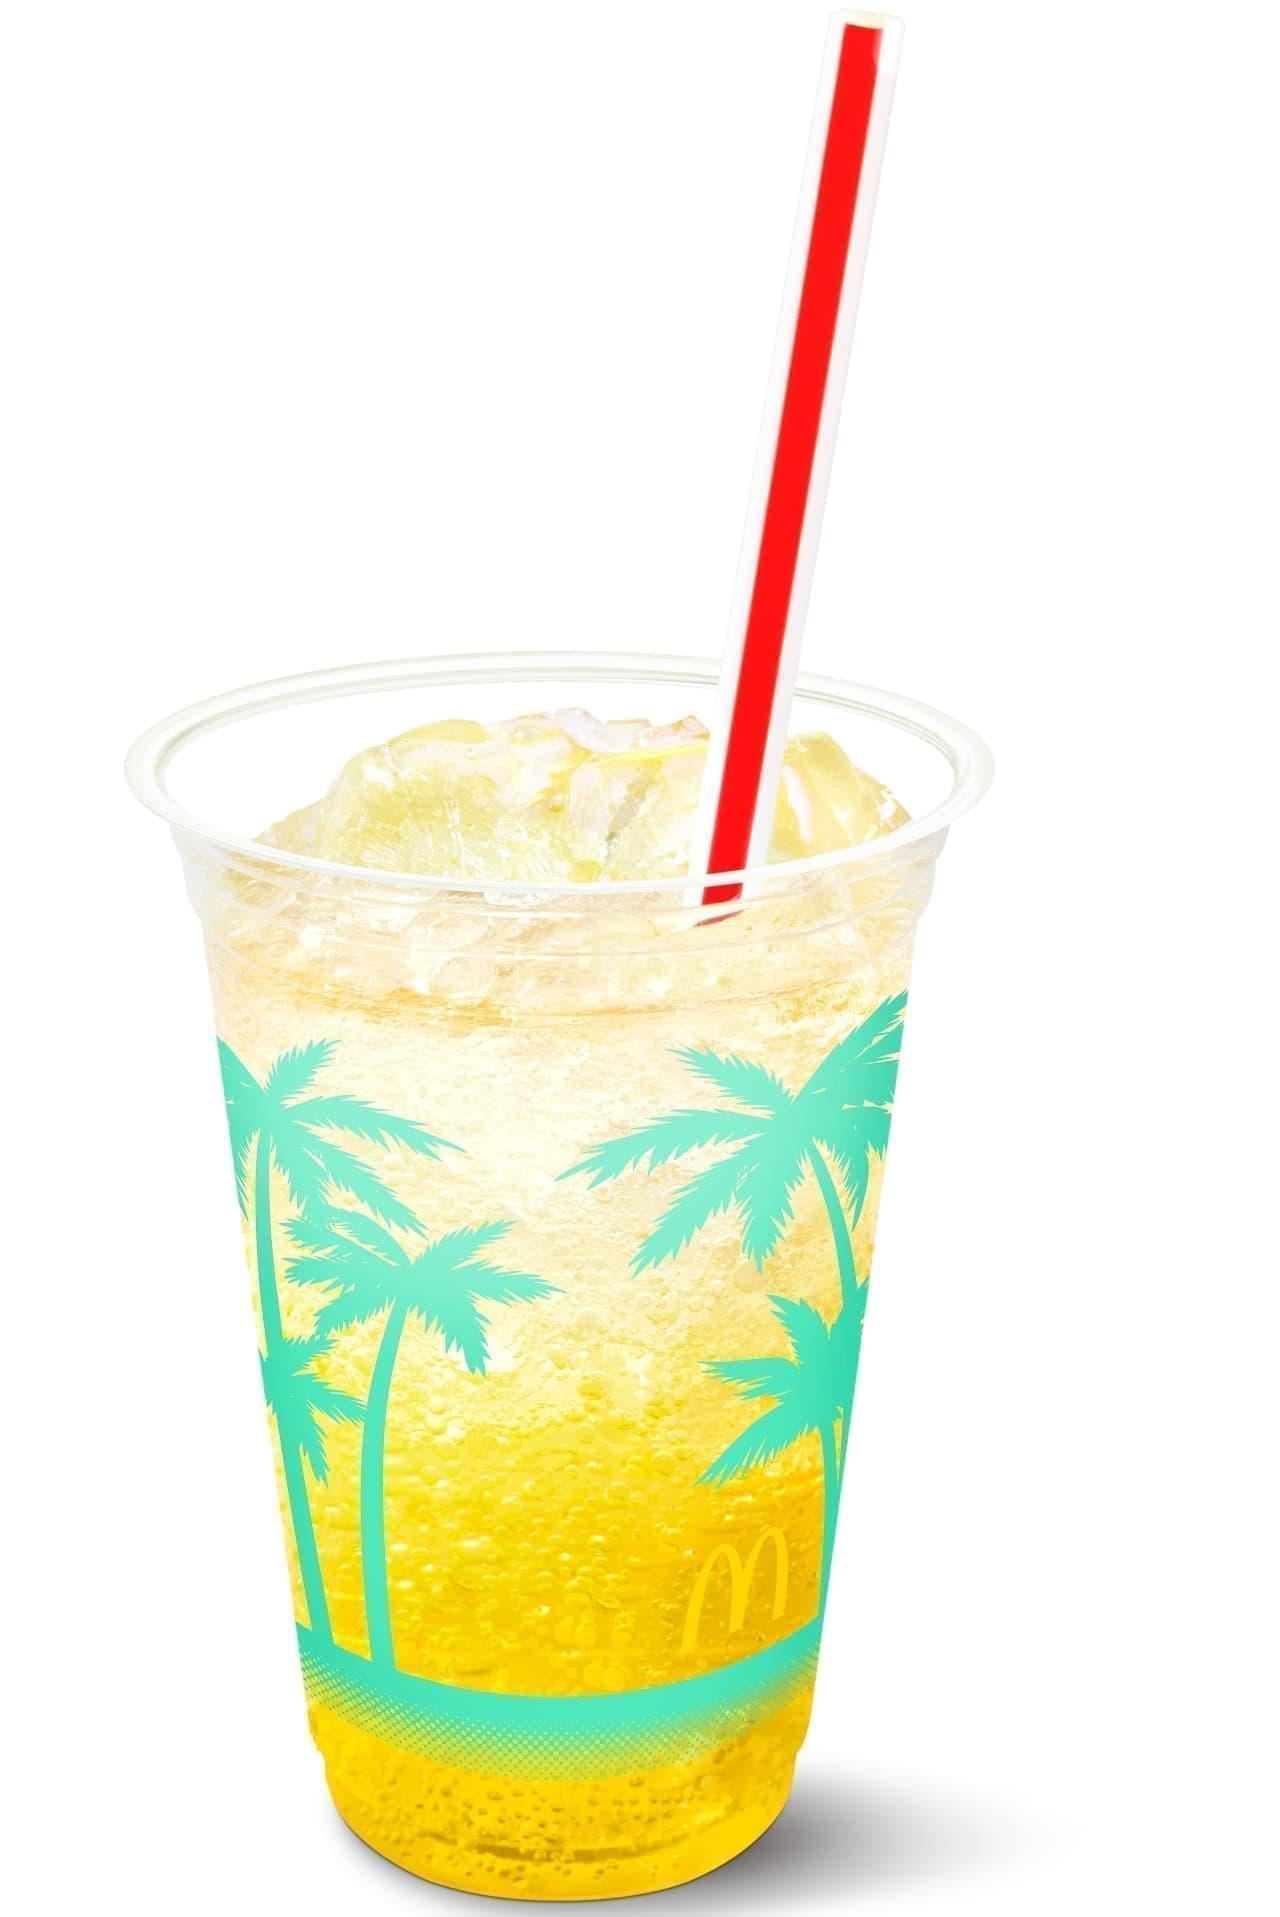 マクドナルドで夏を盛り上げる「マックでどこでもハワイ!!」キャンペーン